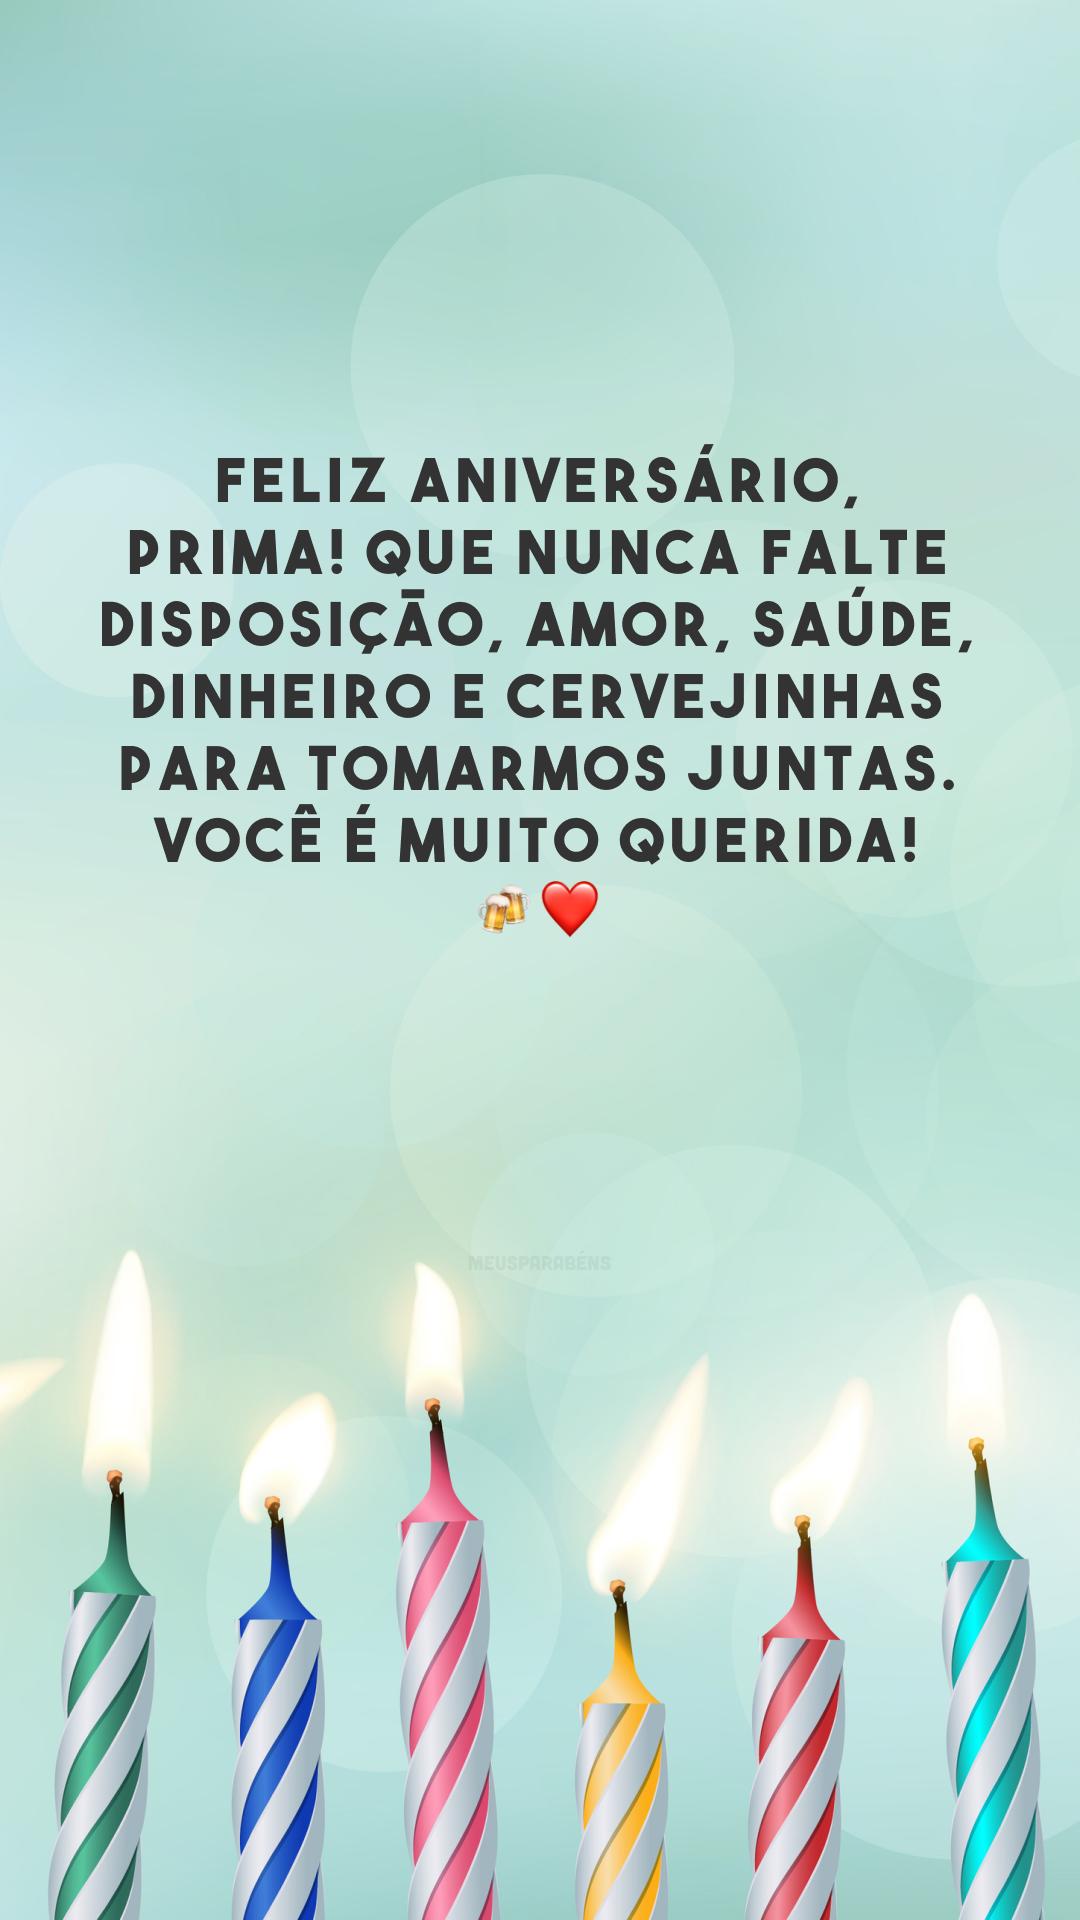 Feliz aniversário, prima! Que nunca falte disposição, amor, saúde, dinheiro e cervejinhas para tomarmos juntas. Você é muito querida! 🍻❤️